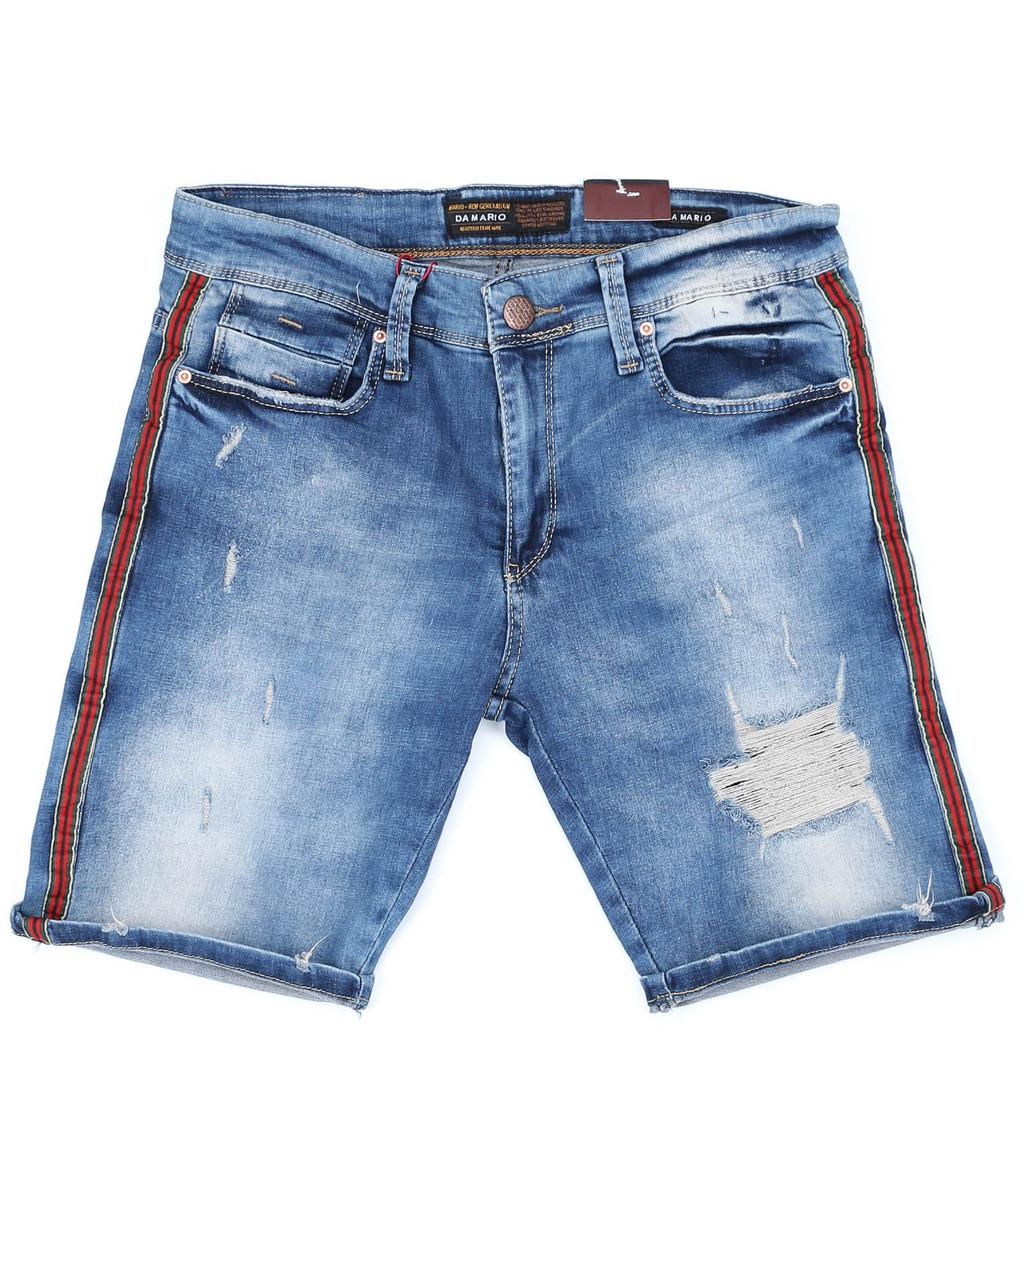 Шорты джинс MARIO рваные 29(Р) 0135